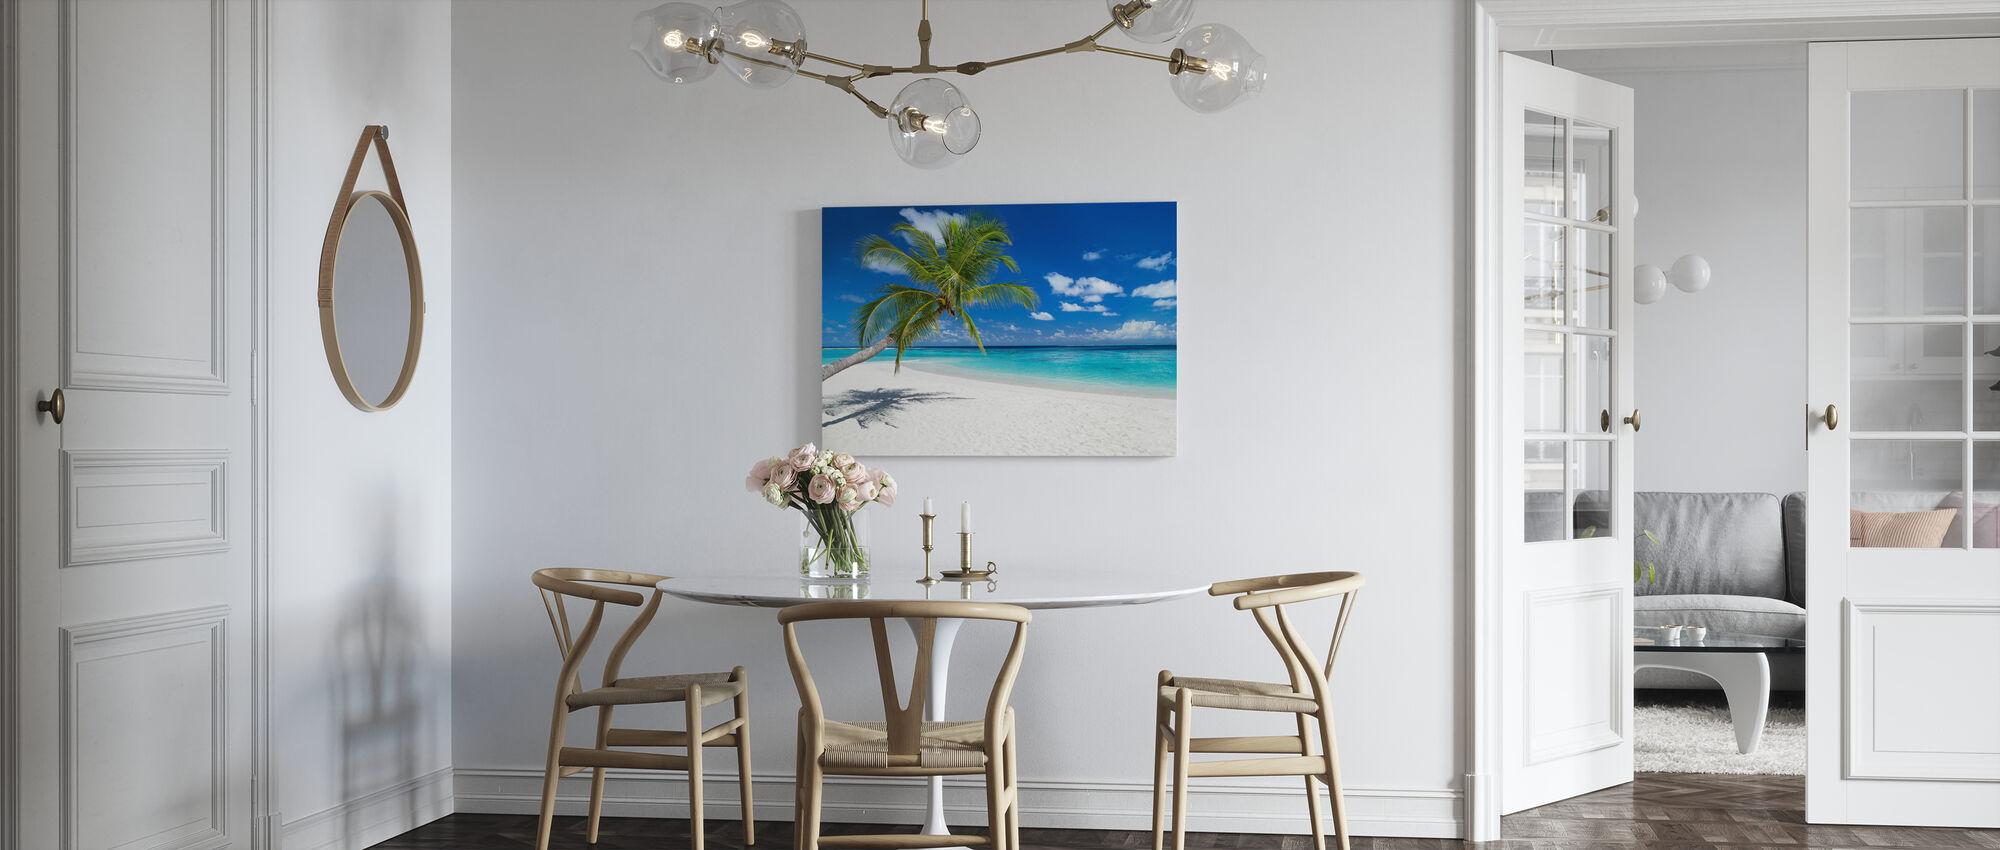 Tropical Beach - Billede på lærred - Køkken